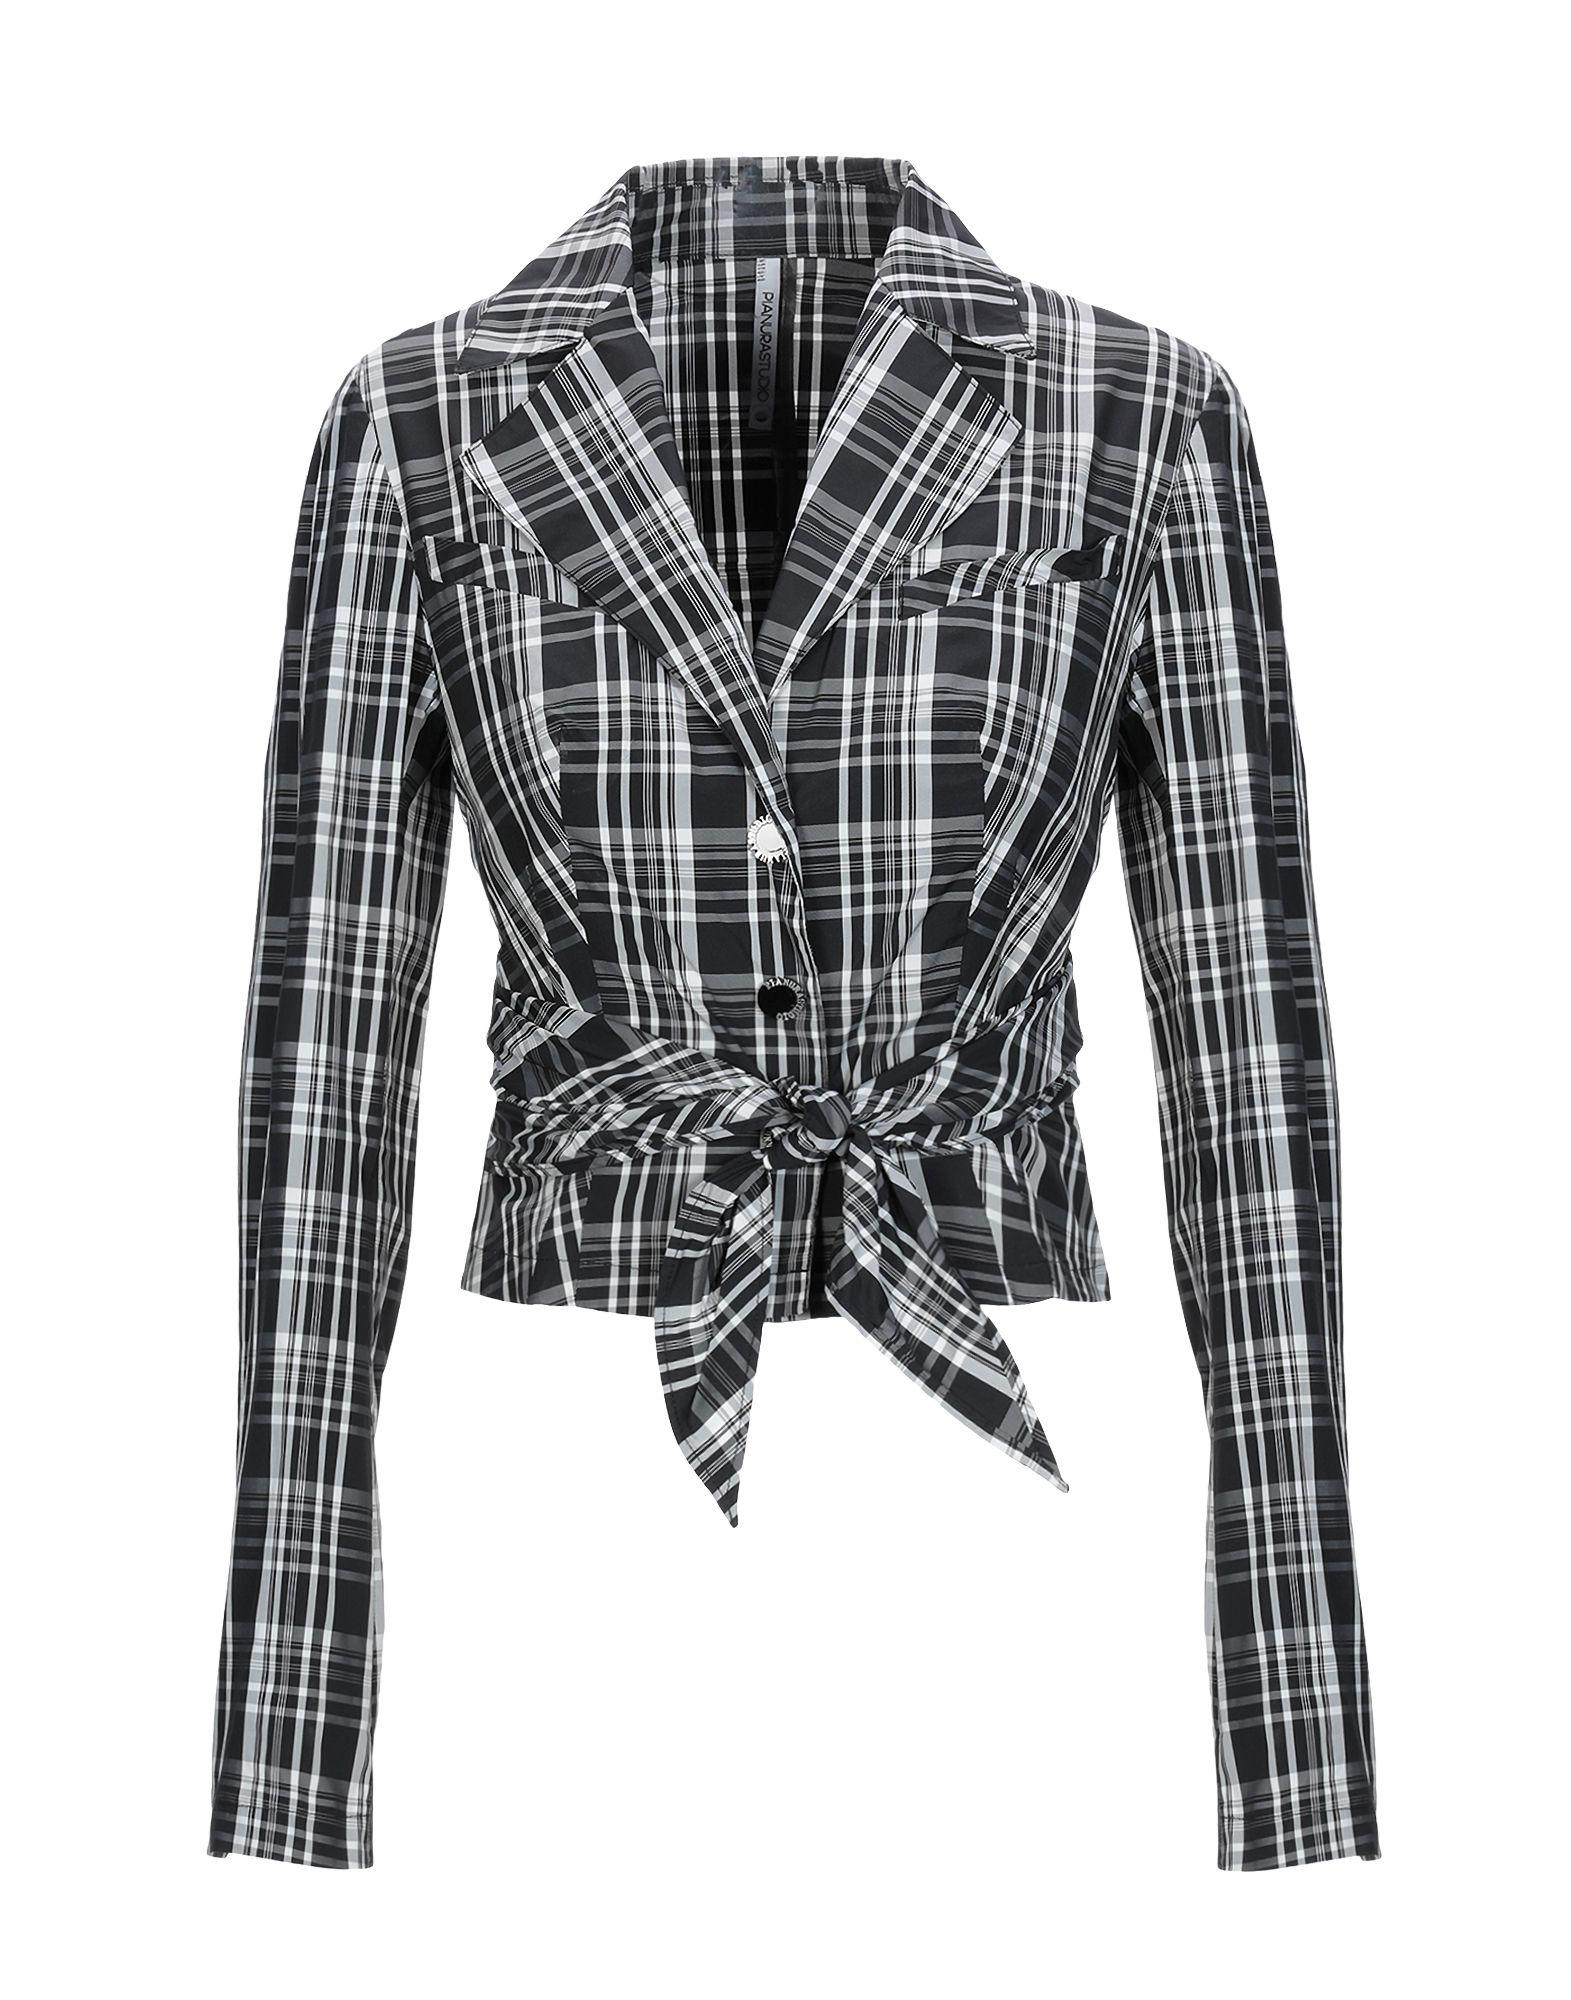 купить удлиненный пиджак женский в москве